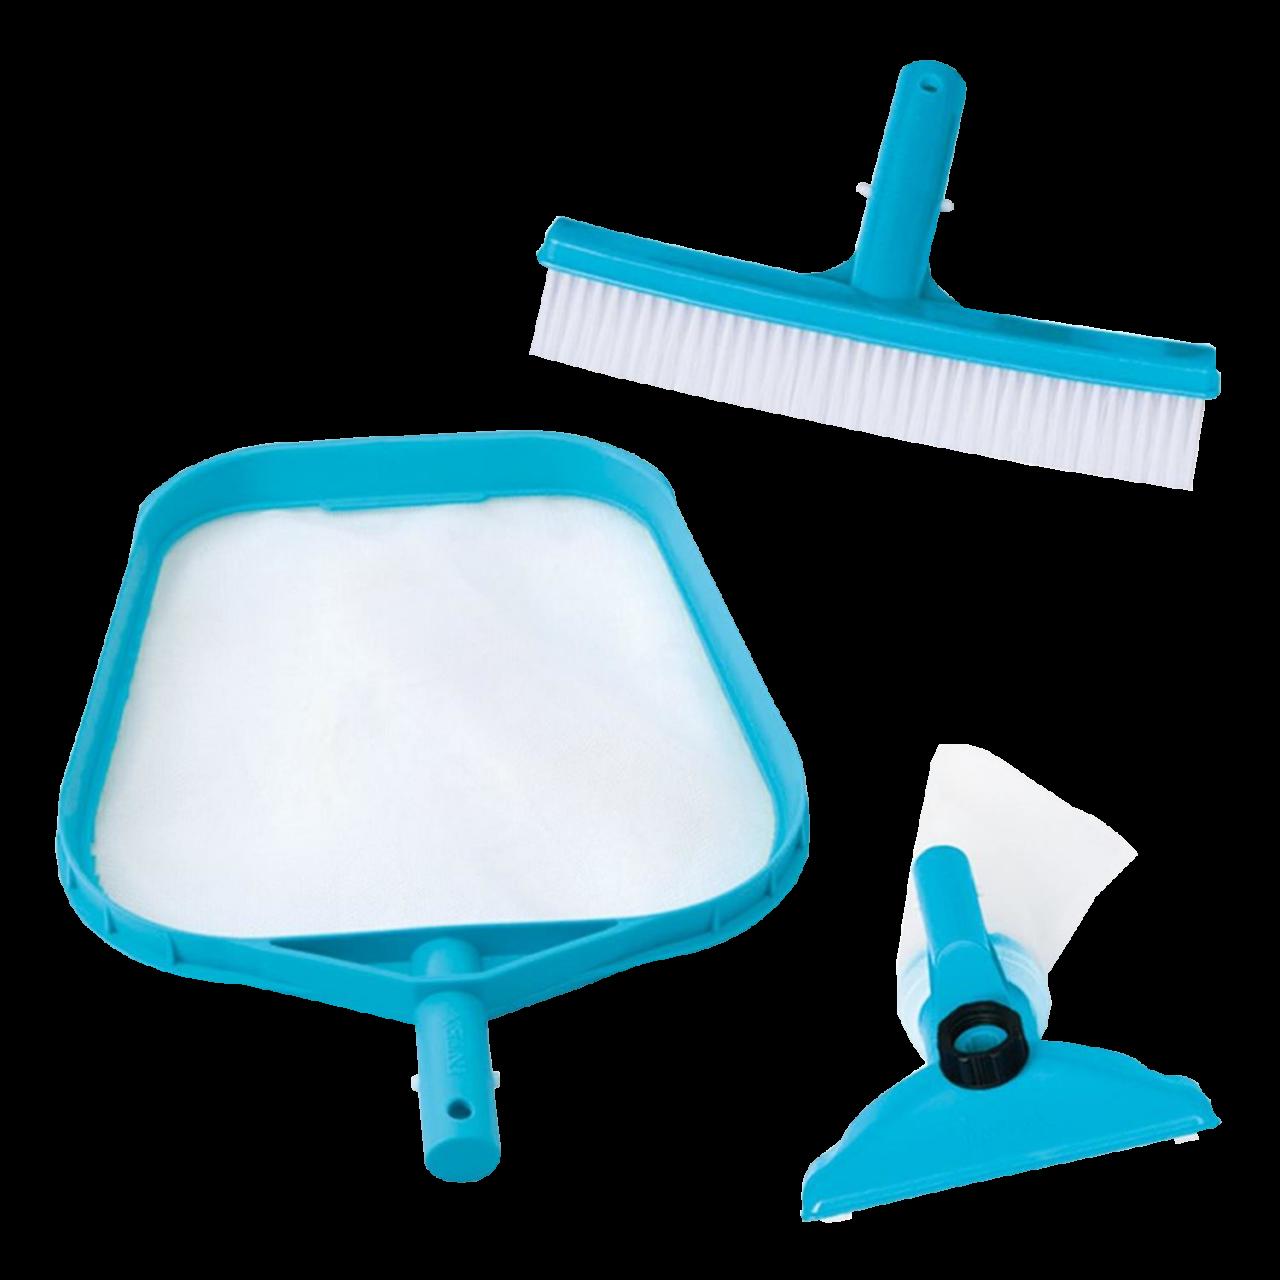 Intex Reinigungsset Basic Pool Bodensauger Laub- Bodenkescher Reinigungsbürste